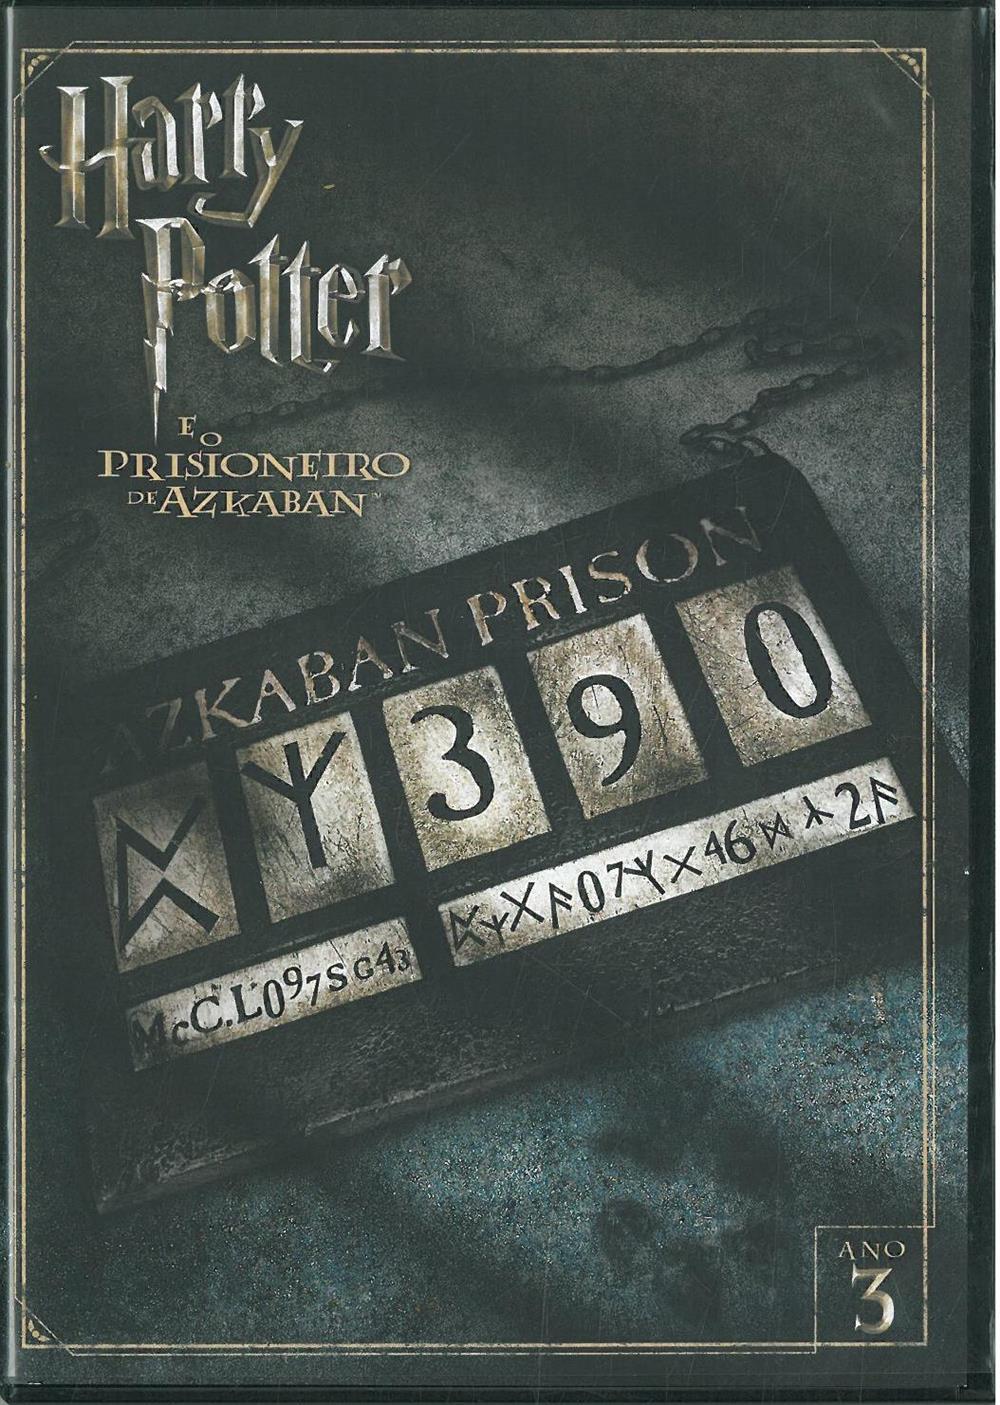 Harry Potter e o prisioneiro de Azkaban_DVD.jpg